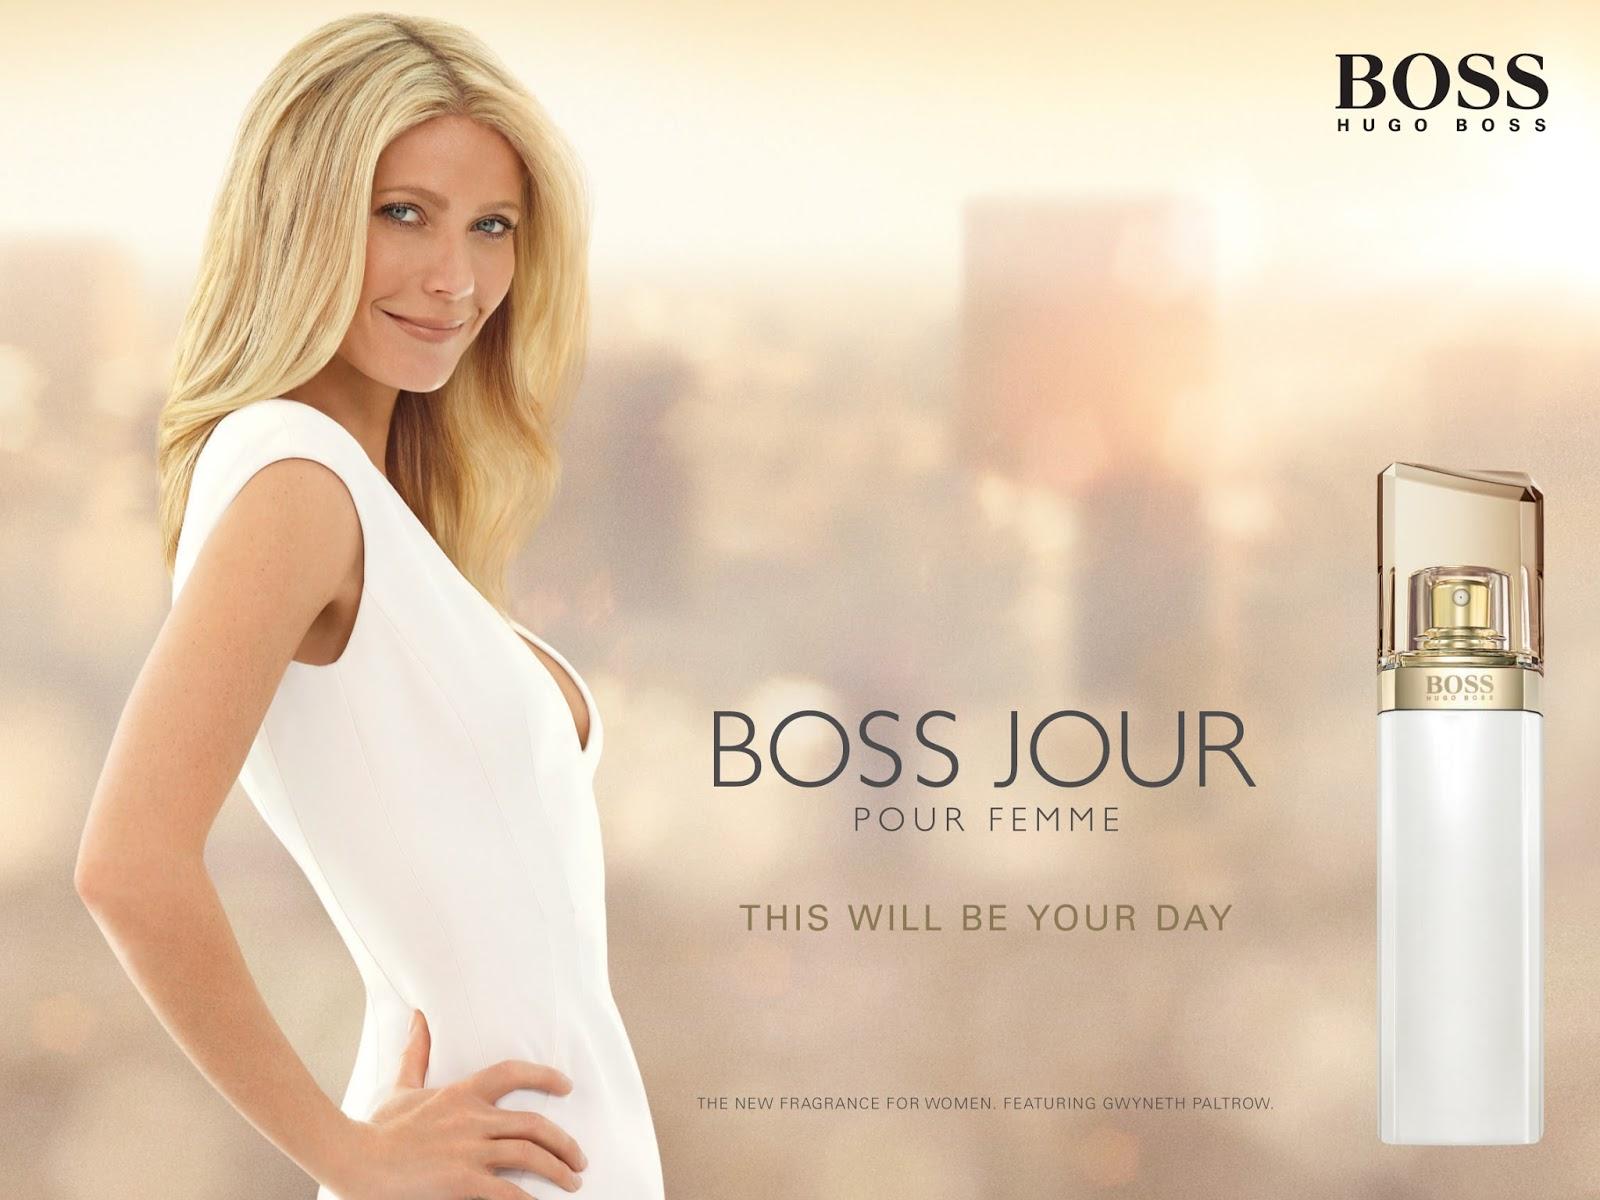 Boss Jour Pour Femme Review (1)